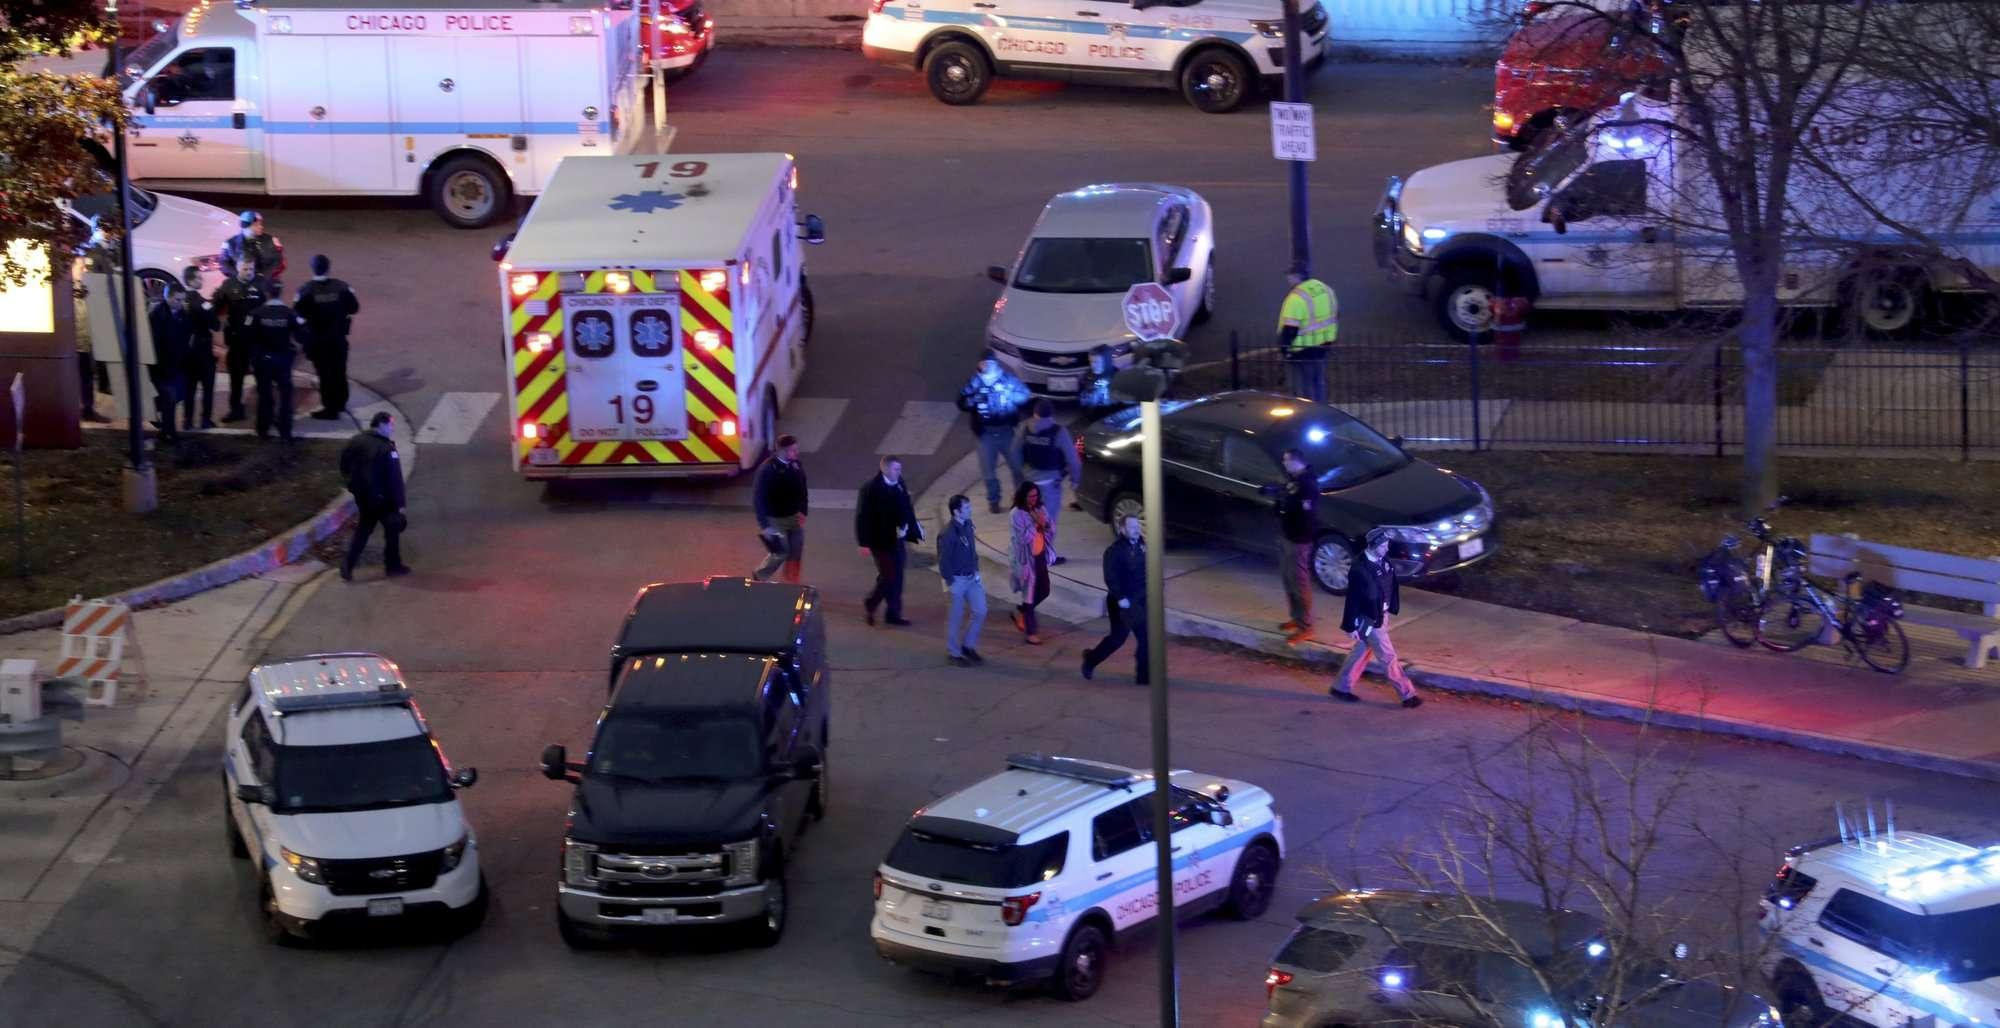 La policía de Chicago informó que el presunto atacante y que un oficial murieron y que otras  tres perosnas están en estado crítico tras el tiroteo en un hospital. AP